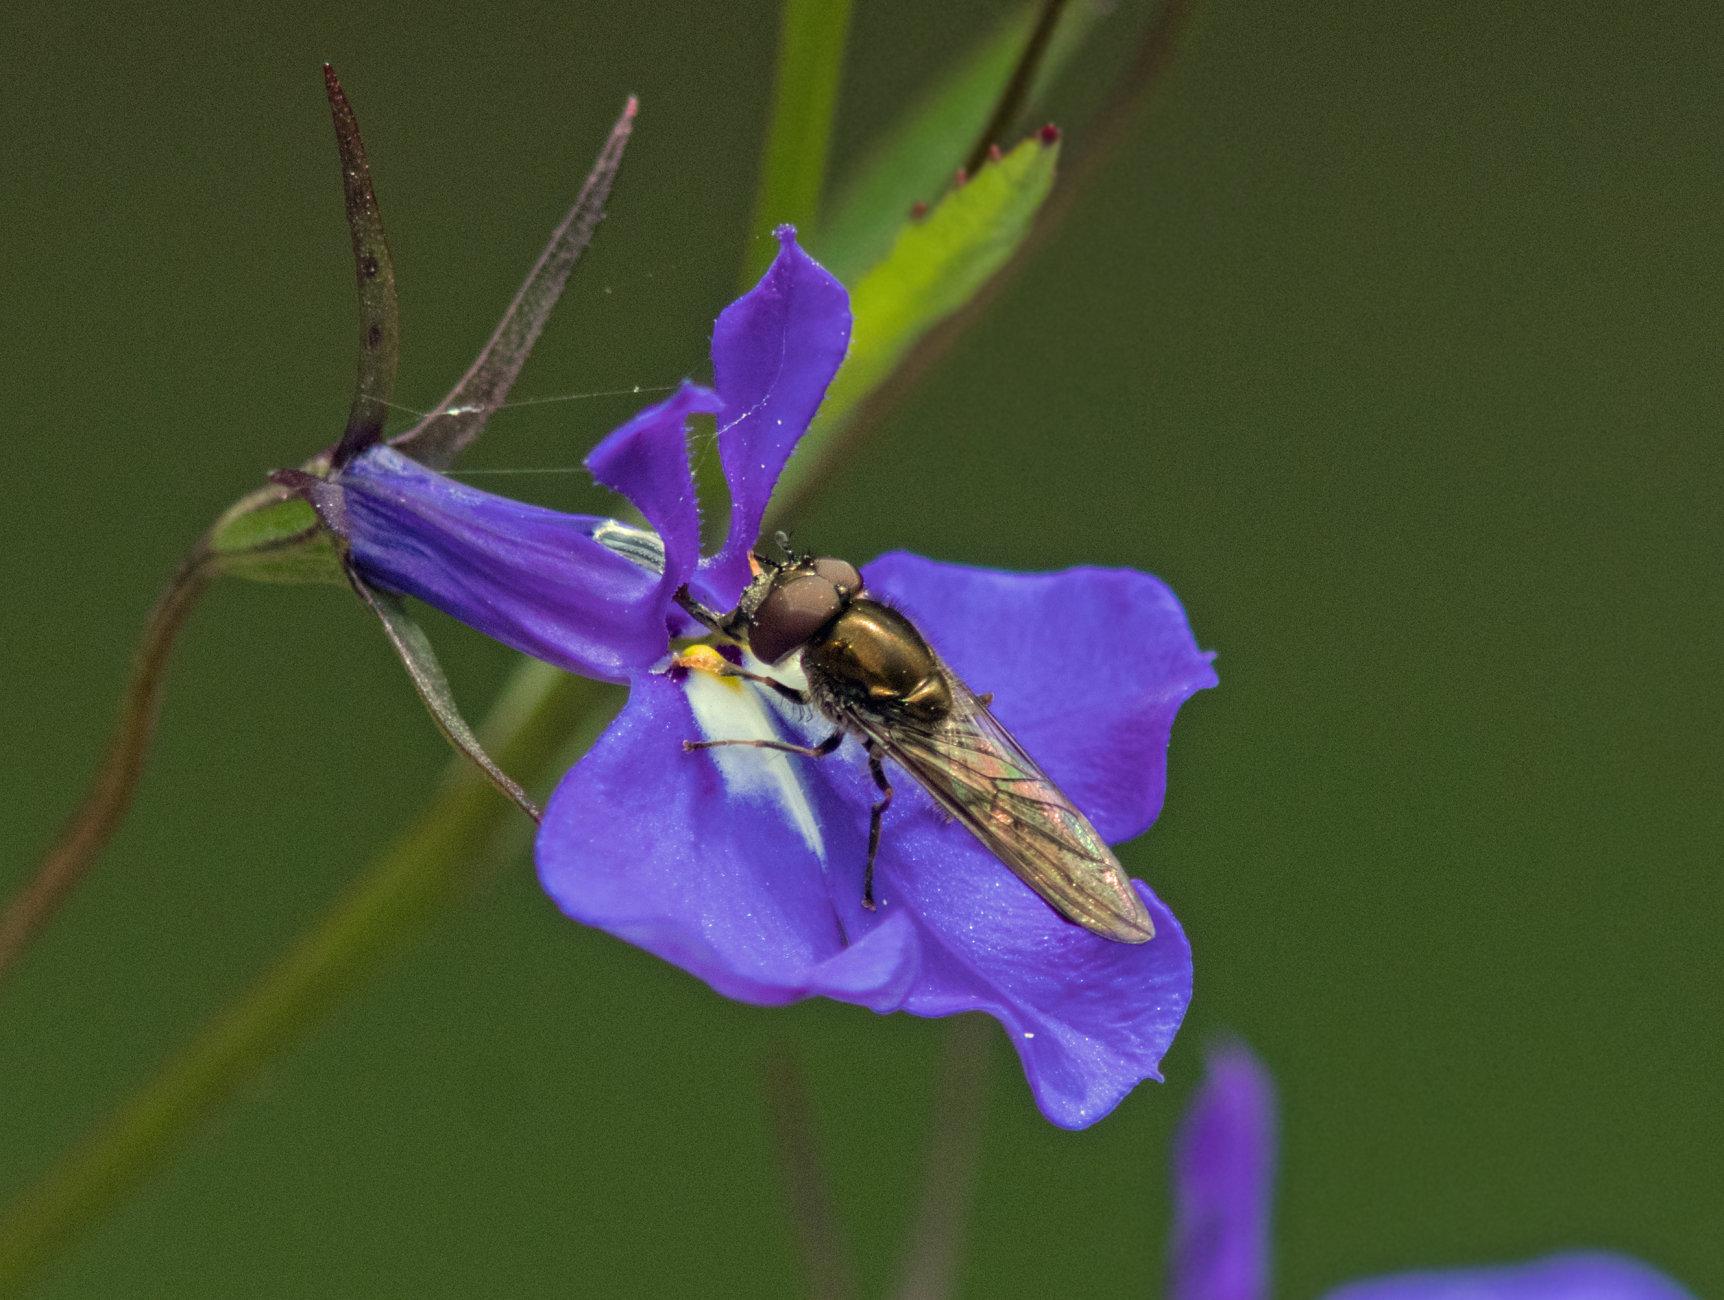 Hoverfly on lobelia